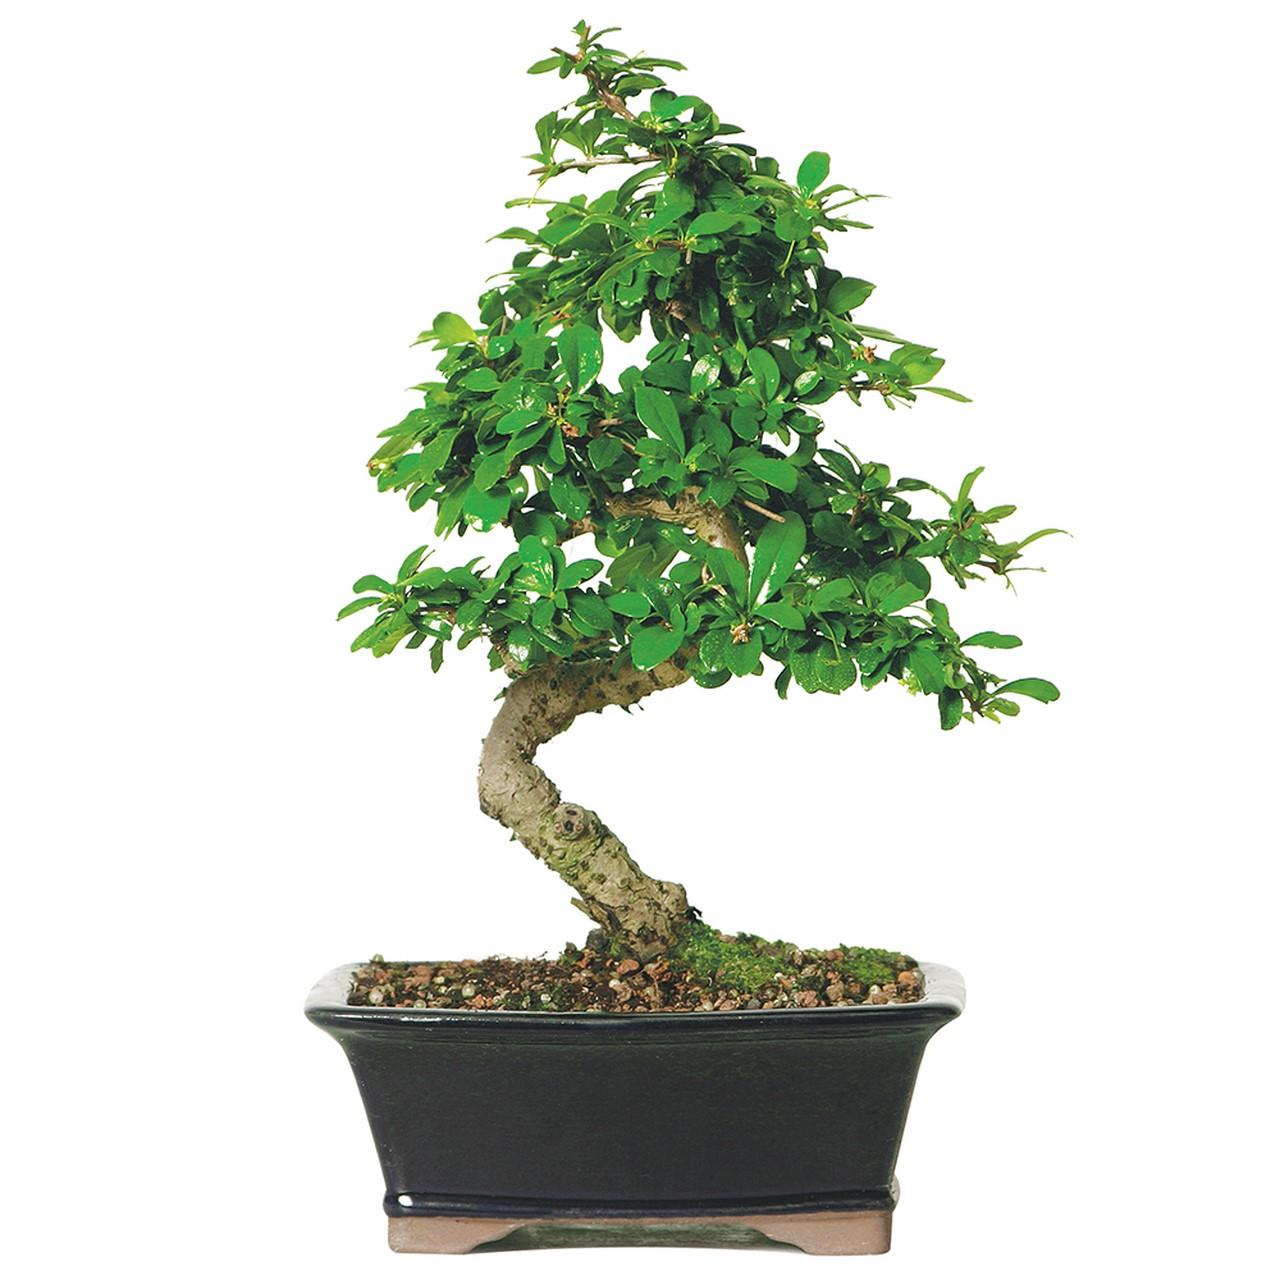 Une idée fausse commune à propos des bonsaïs est qu'ils doivent être conservés à l'intérieur.